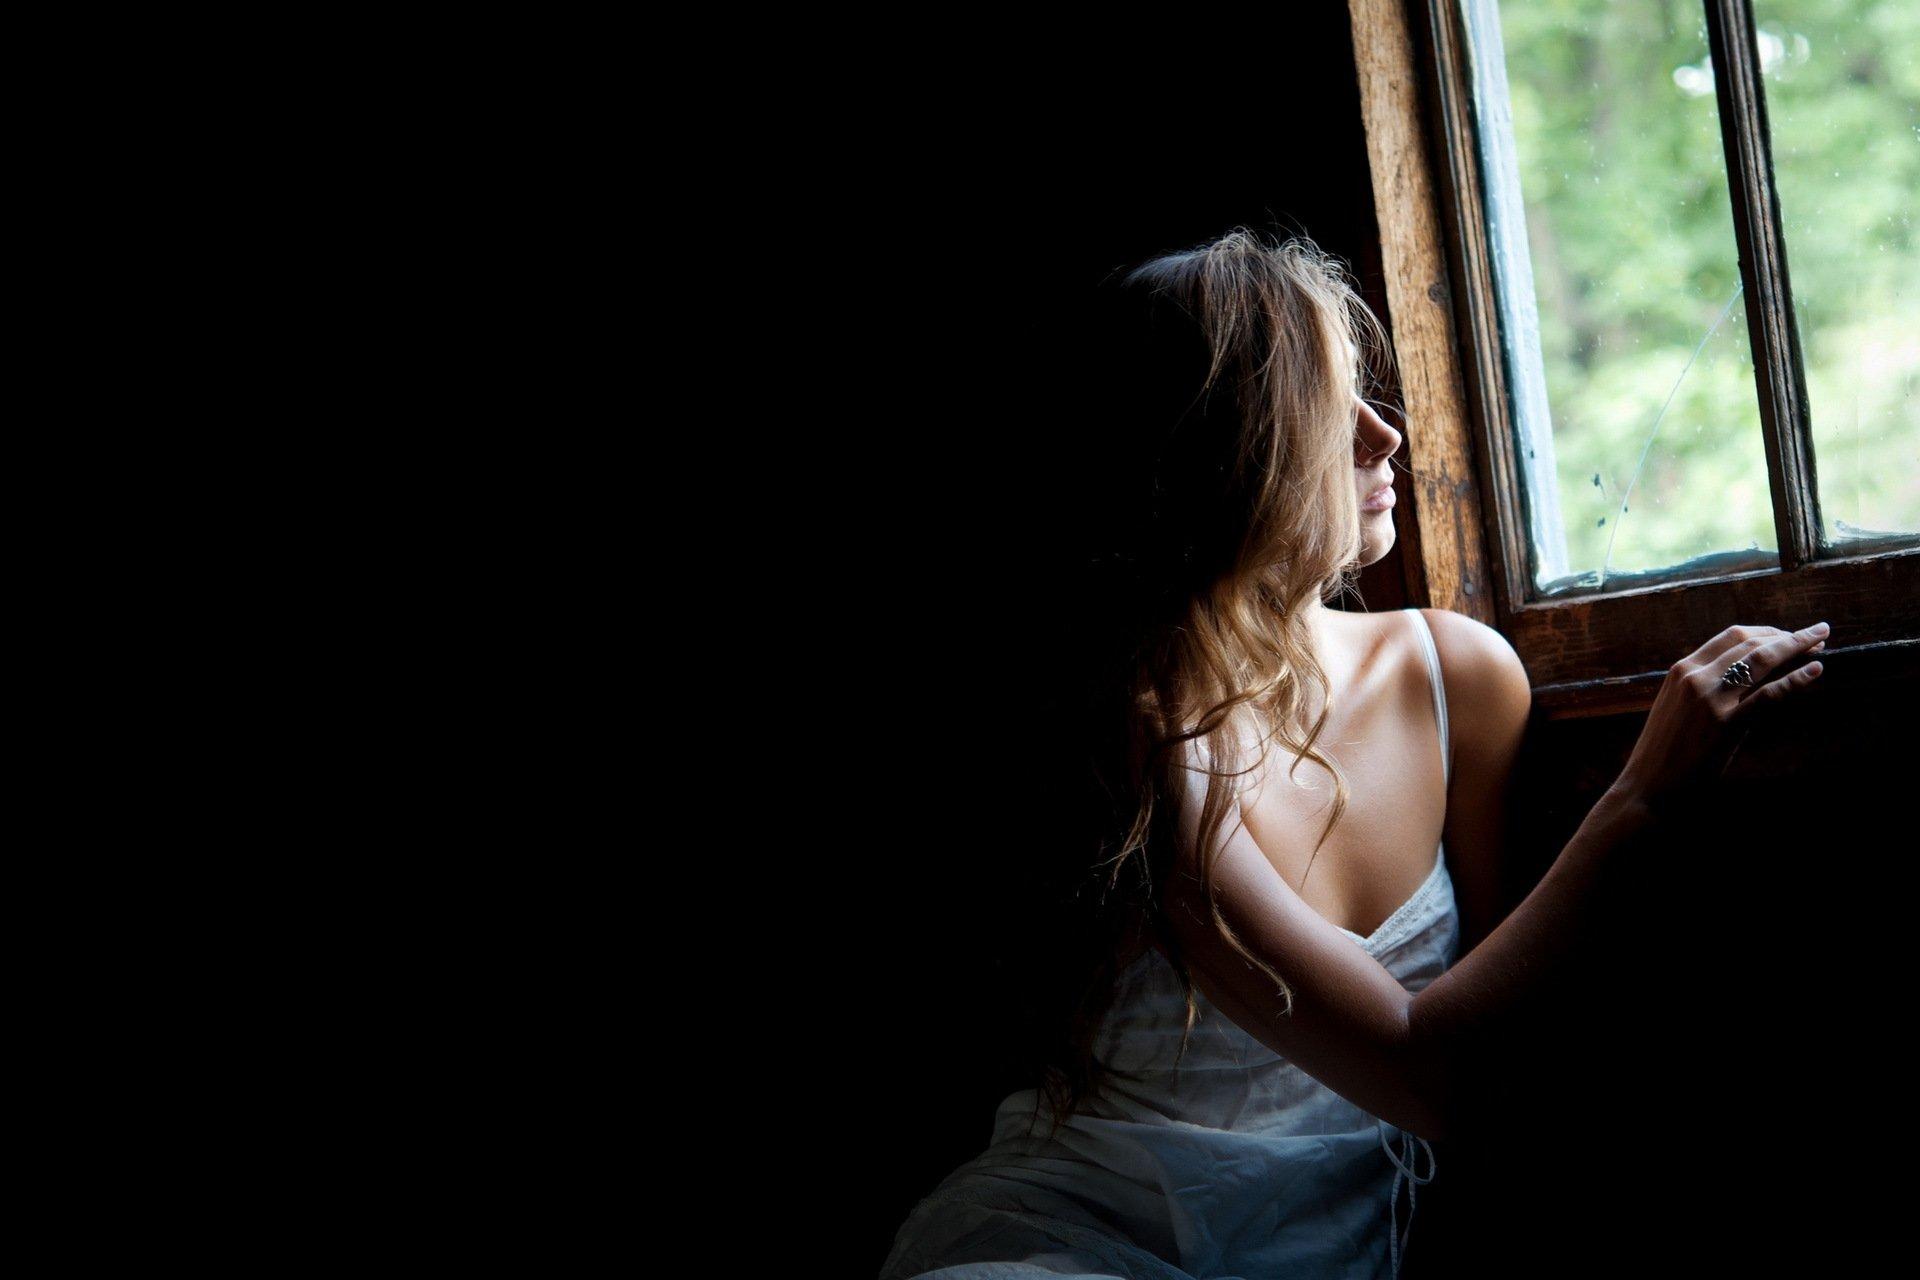 картинки девушка возле окна брюнетка рекомендовали